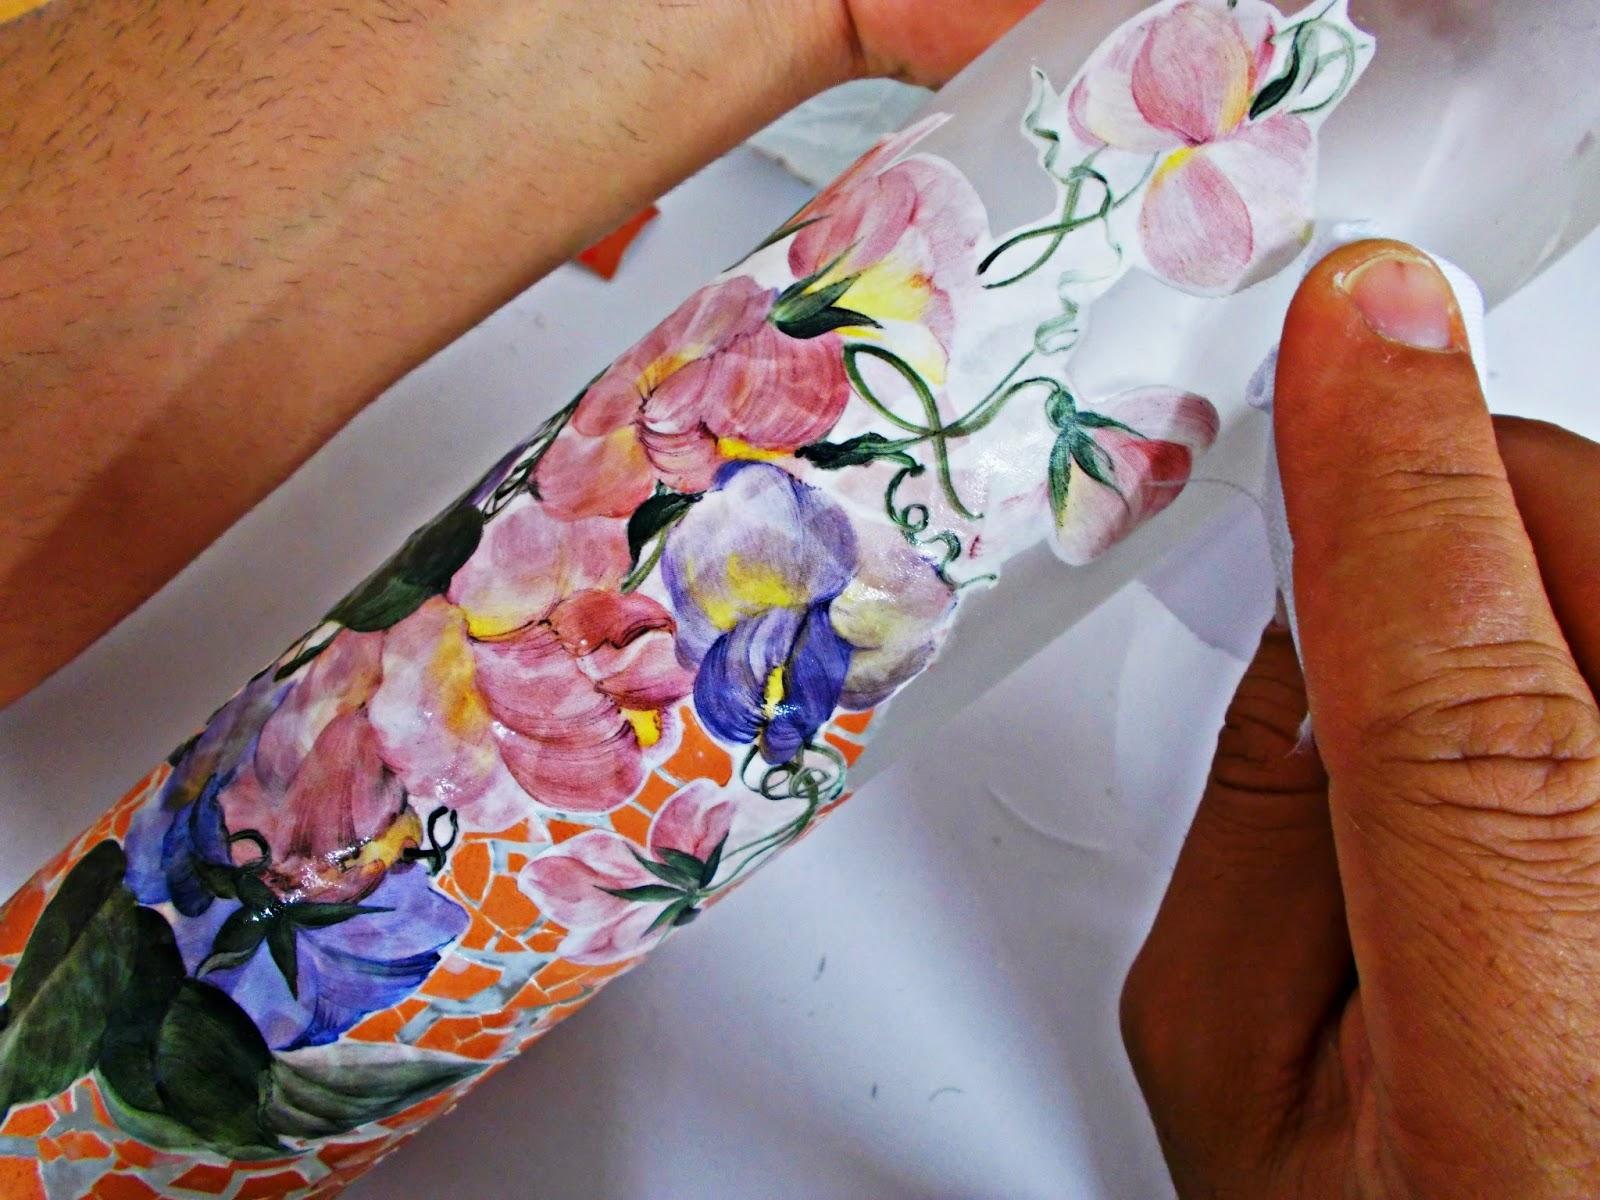 DIY-ideas decoración-reciclaje-diogeneras-botella-cristal-vidrio-cáscaras de huevo-decoupage-5